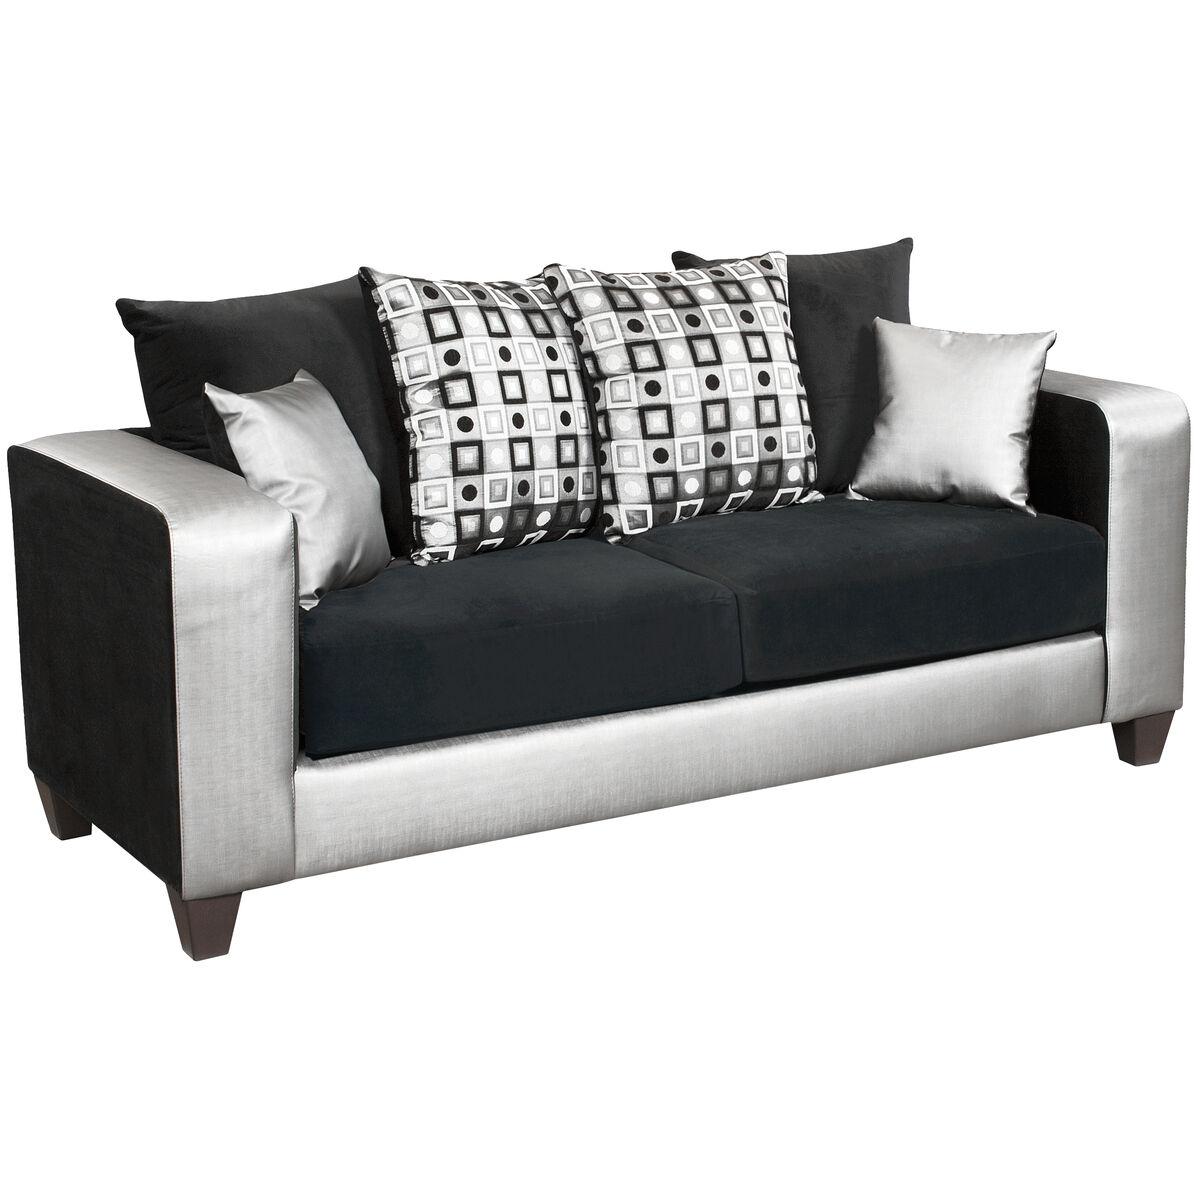 Black Velvet Sofa RS-4120-06S-GG   Bizchair.com